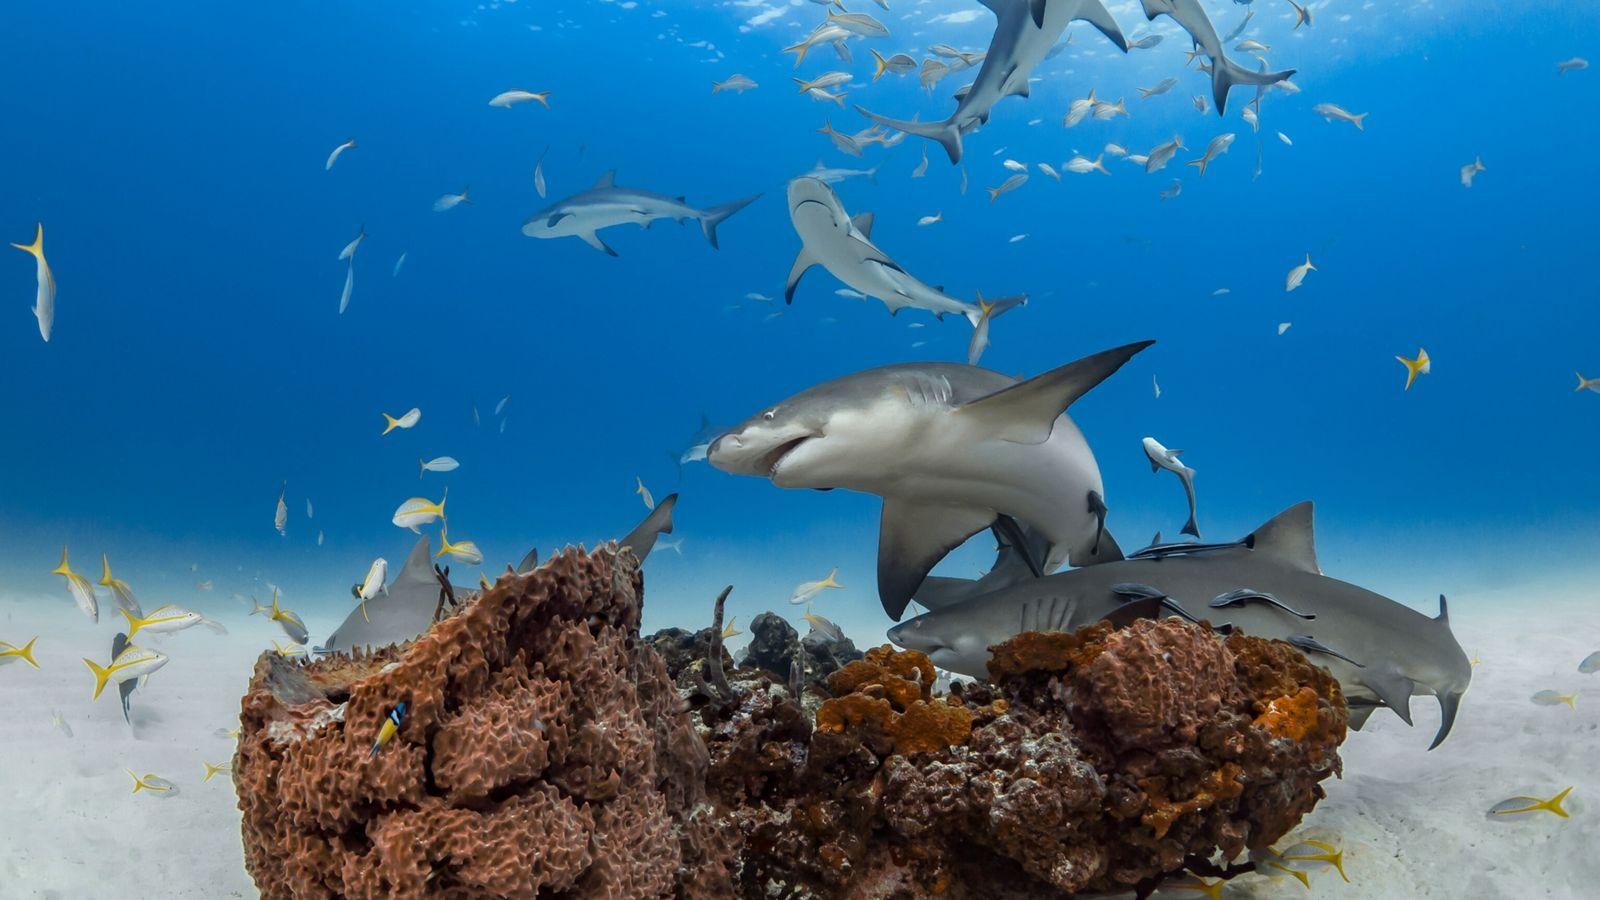 Los tiburones limón pueden mostrar ciertas personalidades, como sociables o distantes. (Arriba, los animales deambulan alrededor de ...